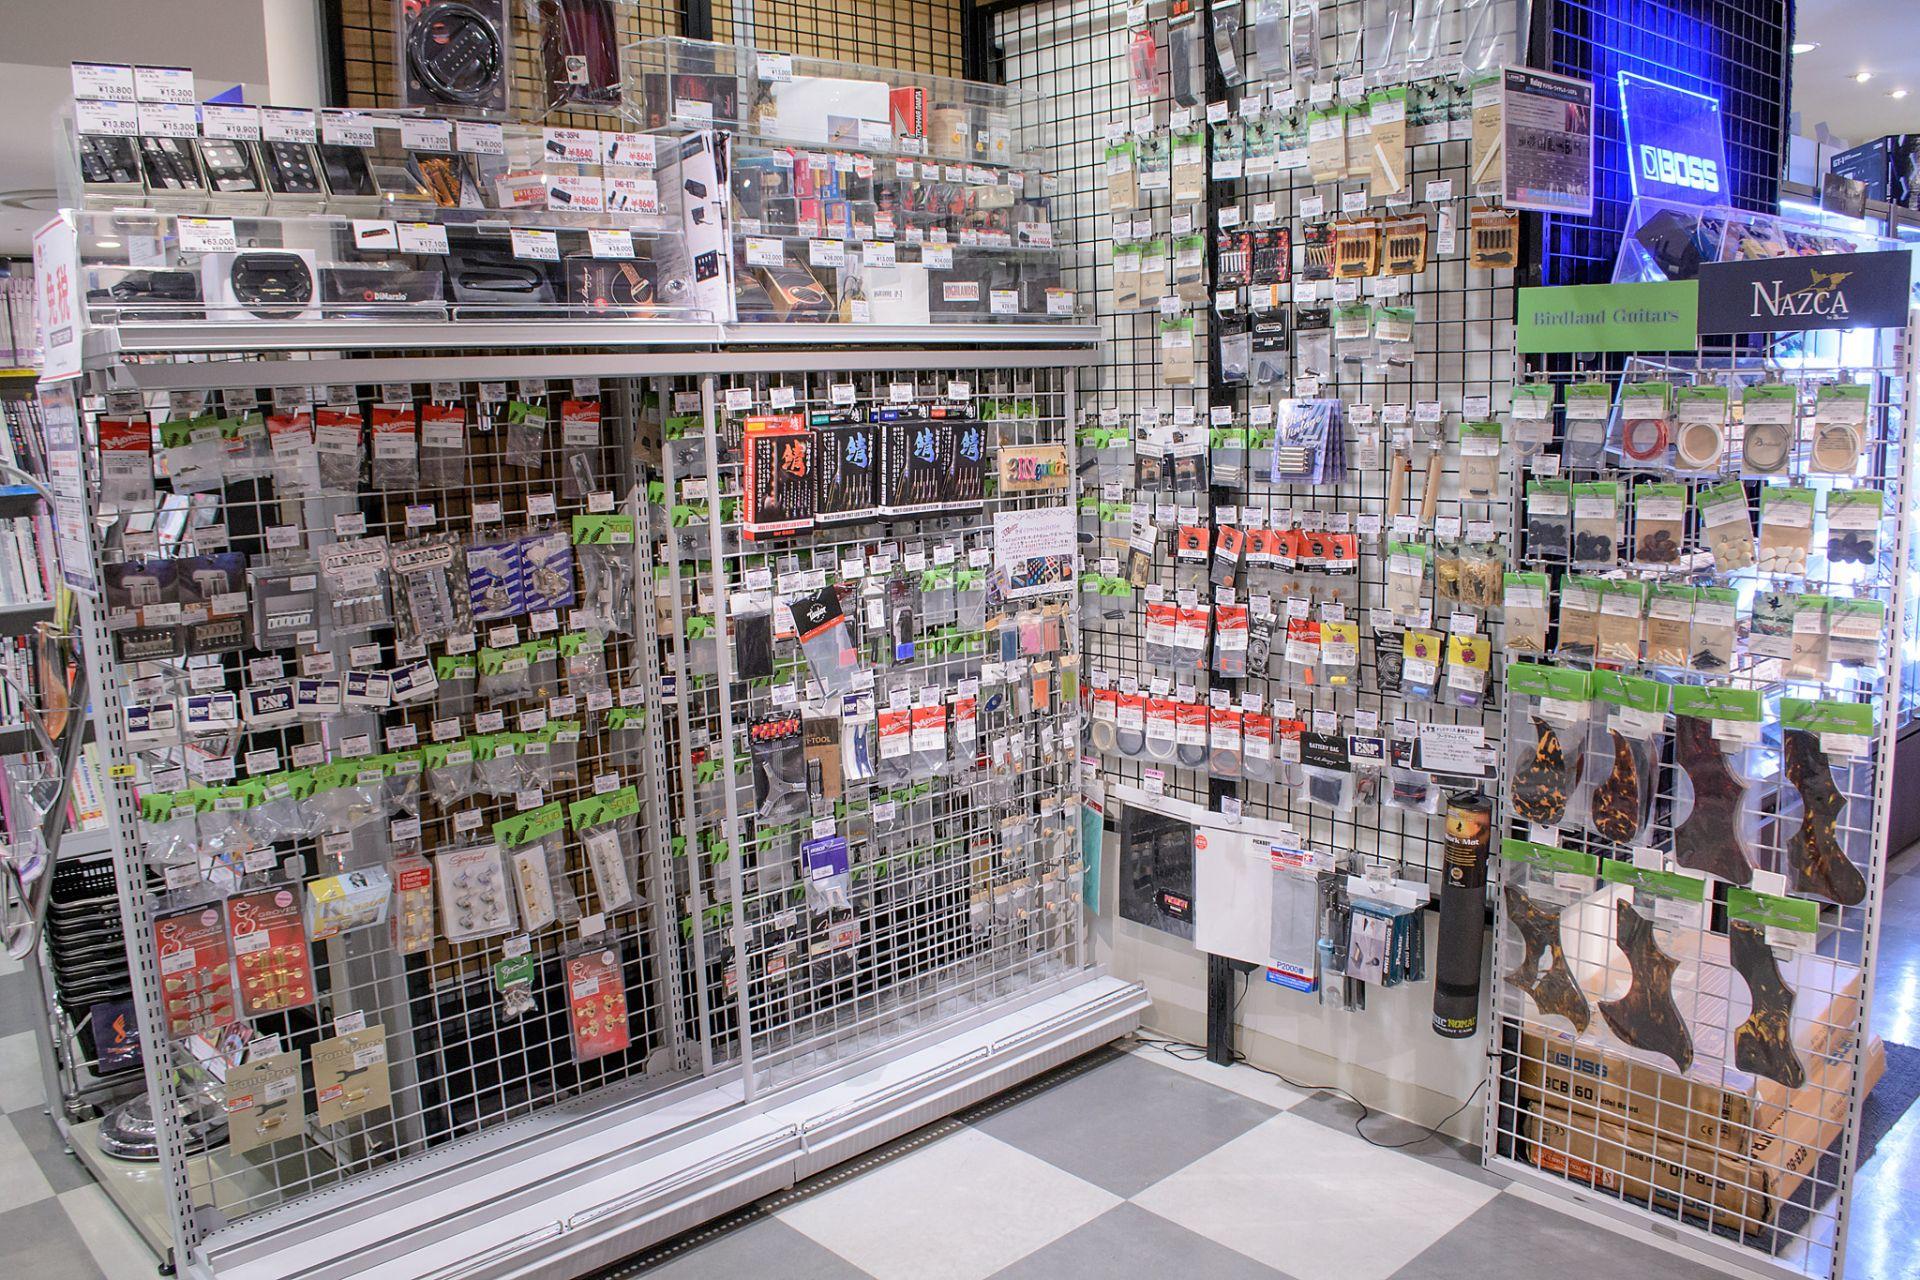 島村楽器 新宿PePe店 リペアパーツ画像